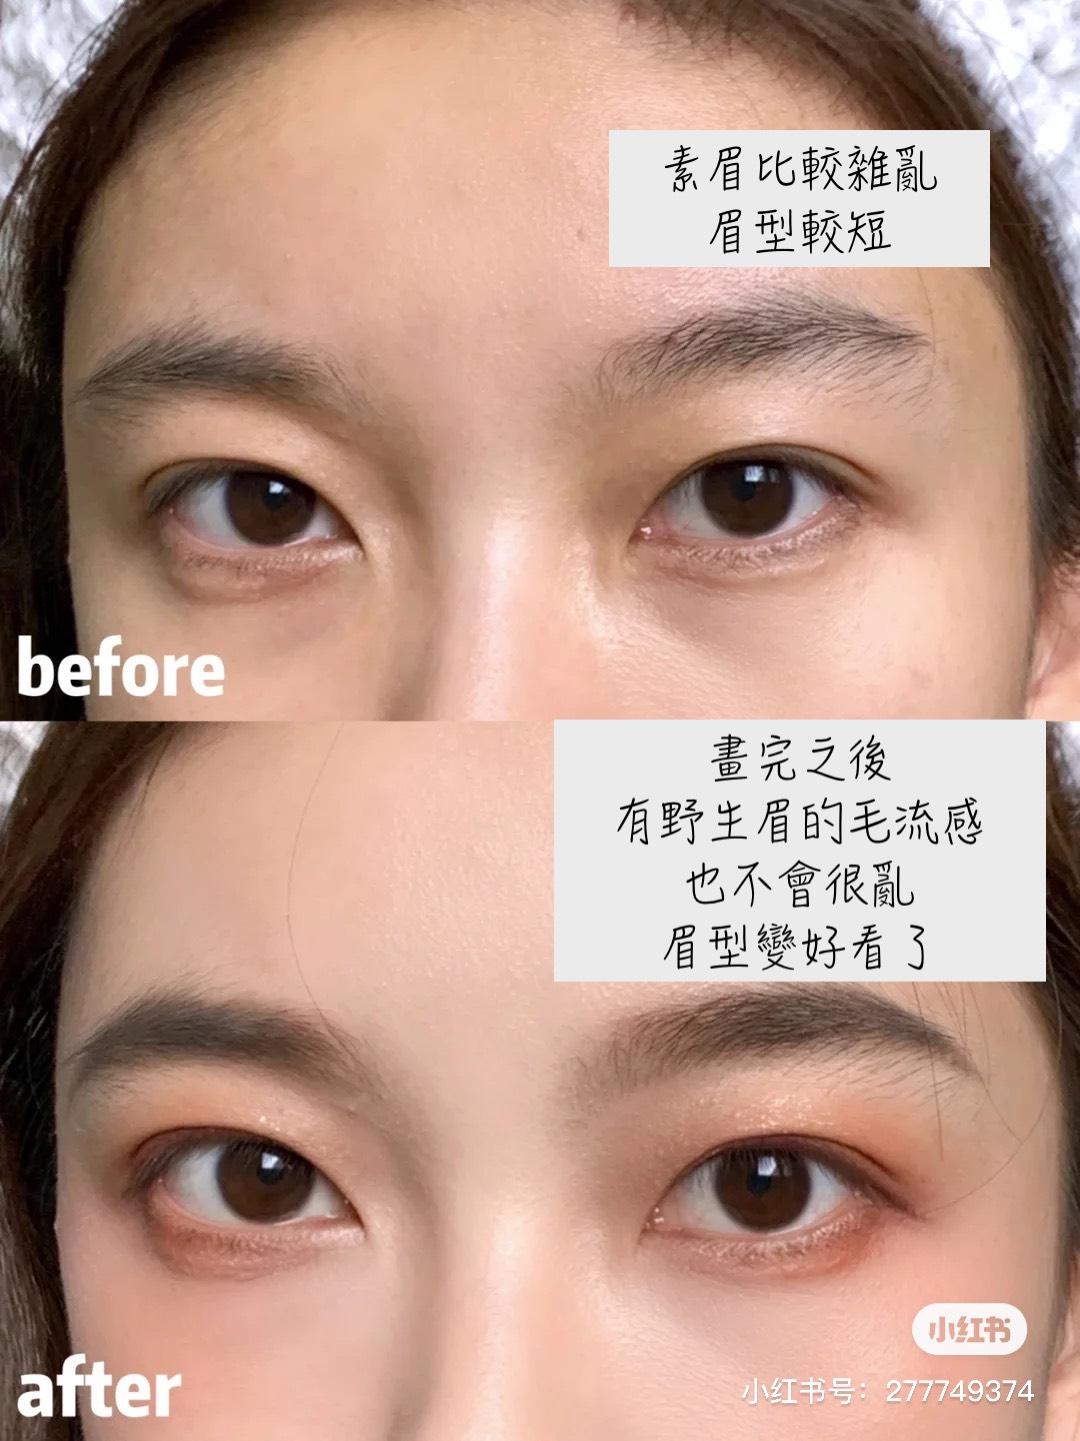 有些眉筆後面有附加眉刷,小巧的形狀很適合暈染眉頭,不會弄的妝容髒髒的